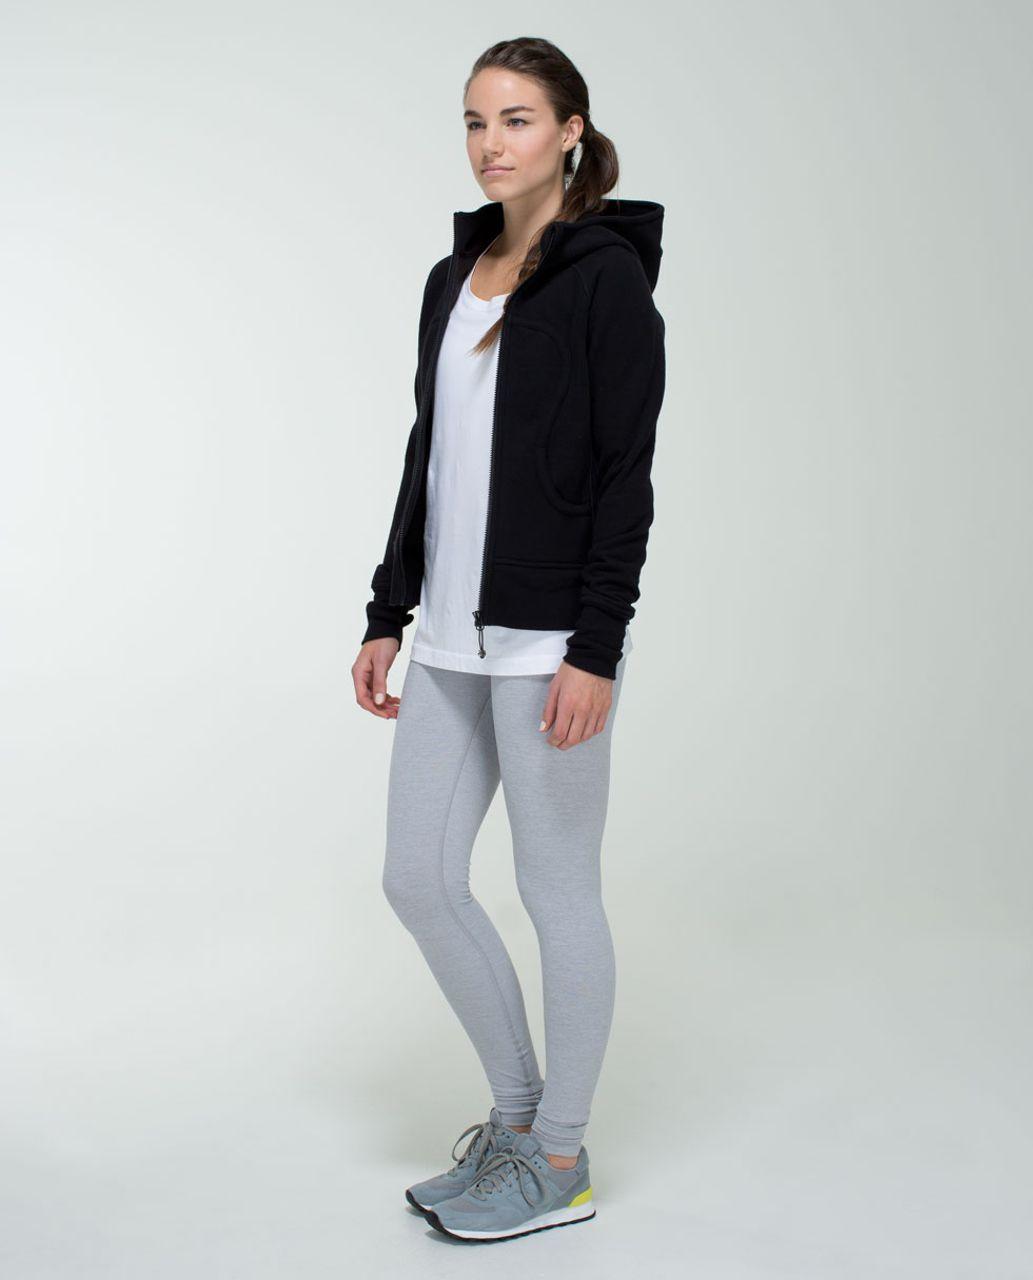 Lululemon Wunder Under Pant - Heathered Medium Grey